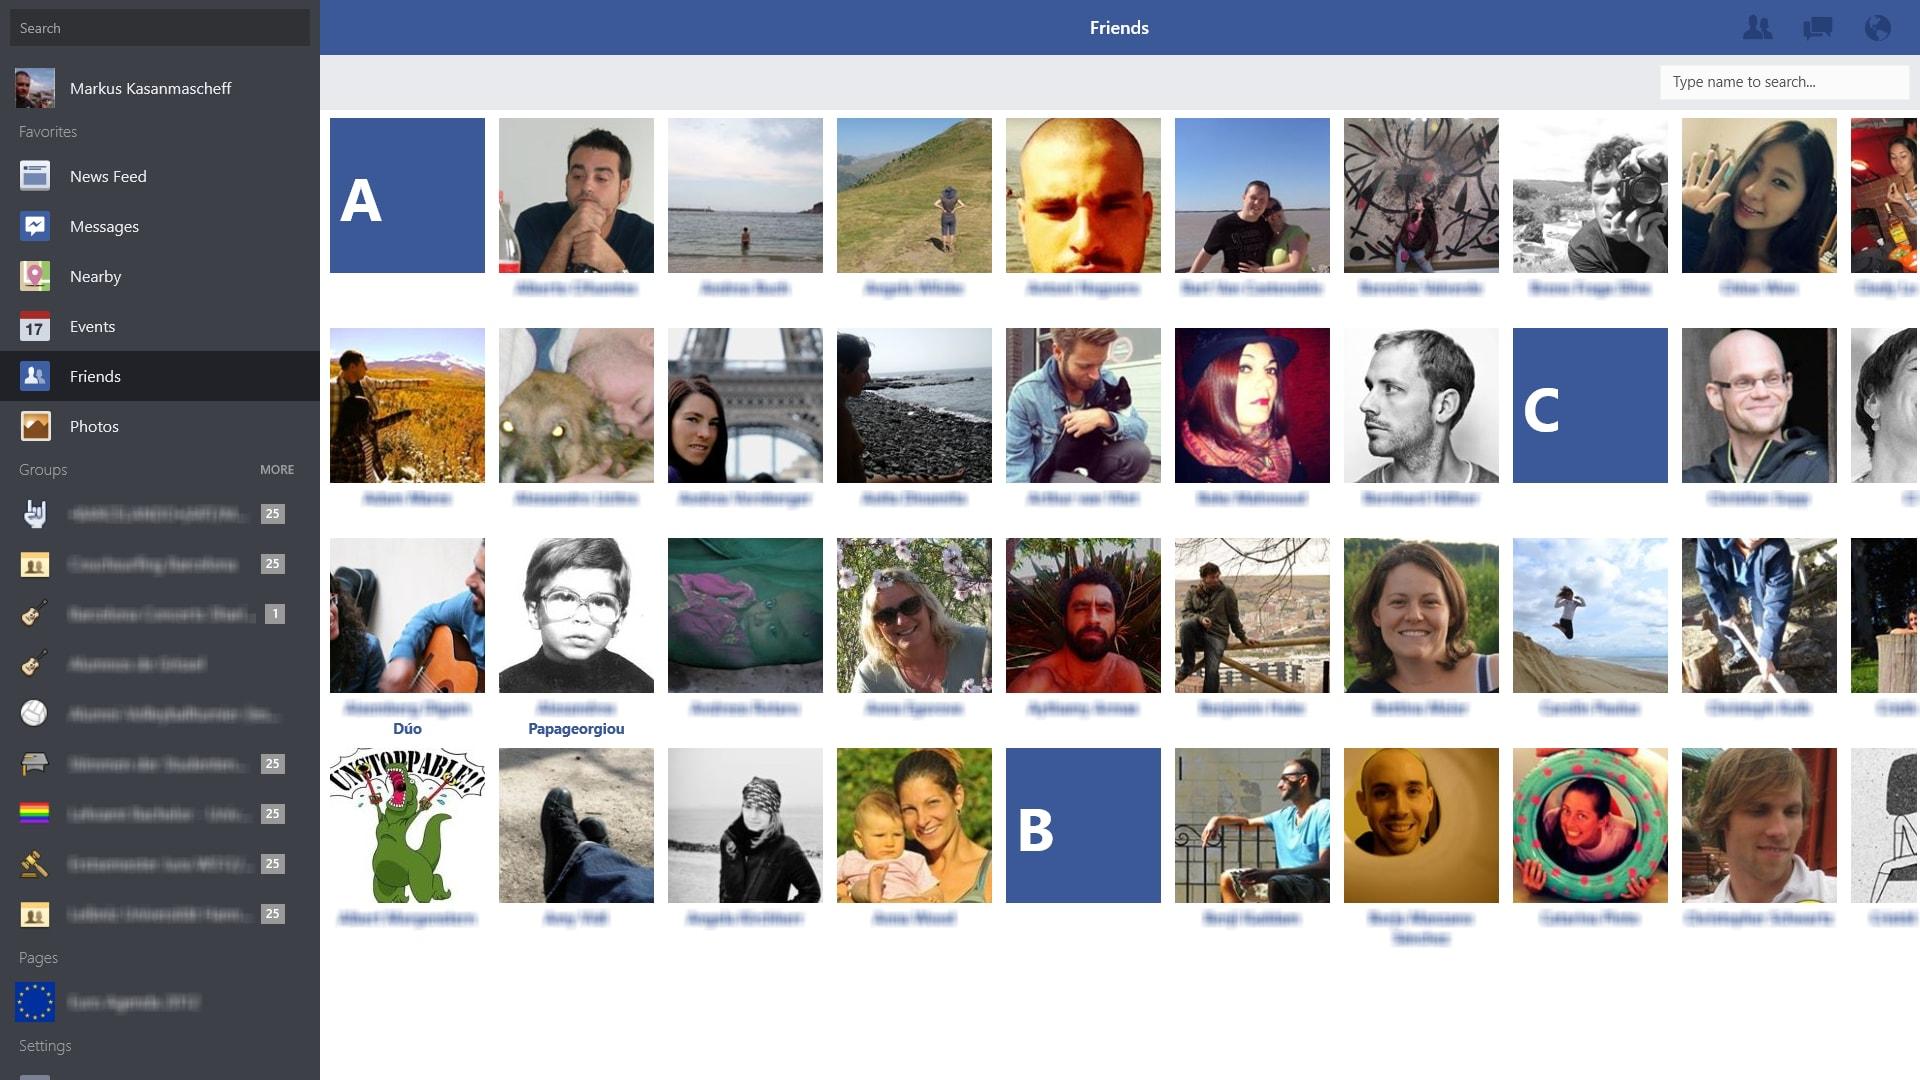 Telecharger application facebook windows 10